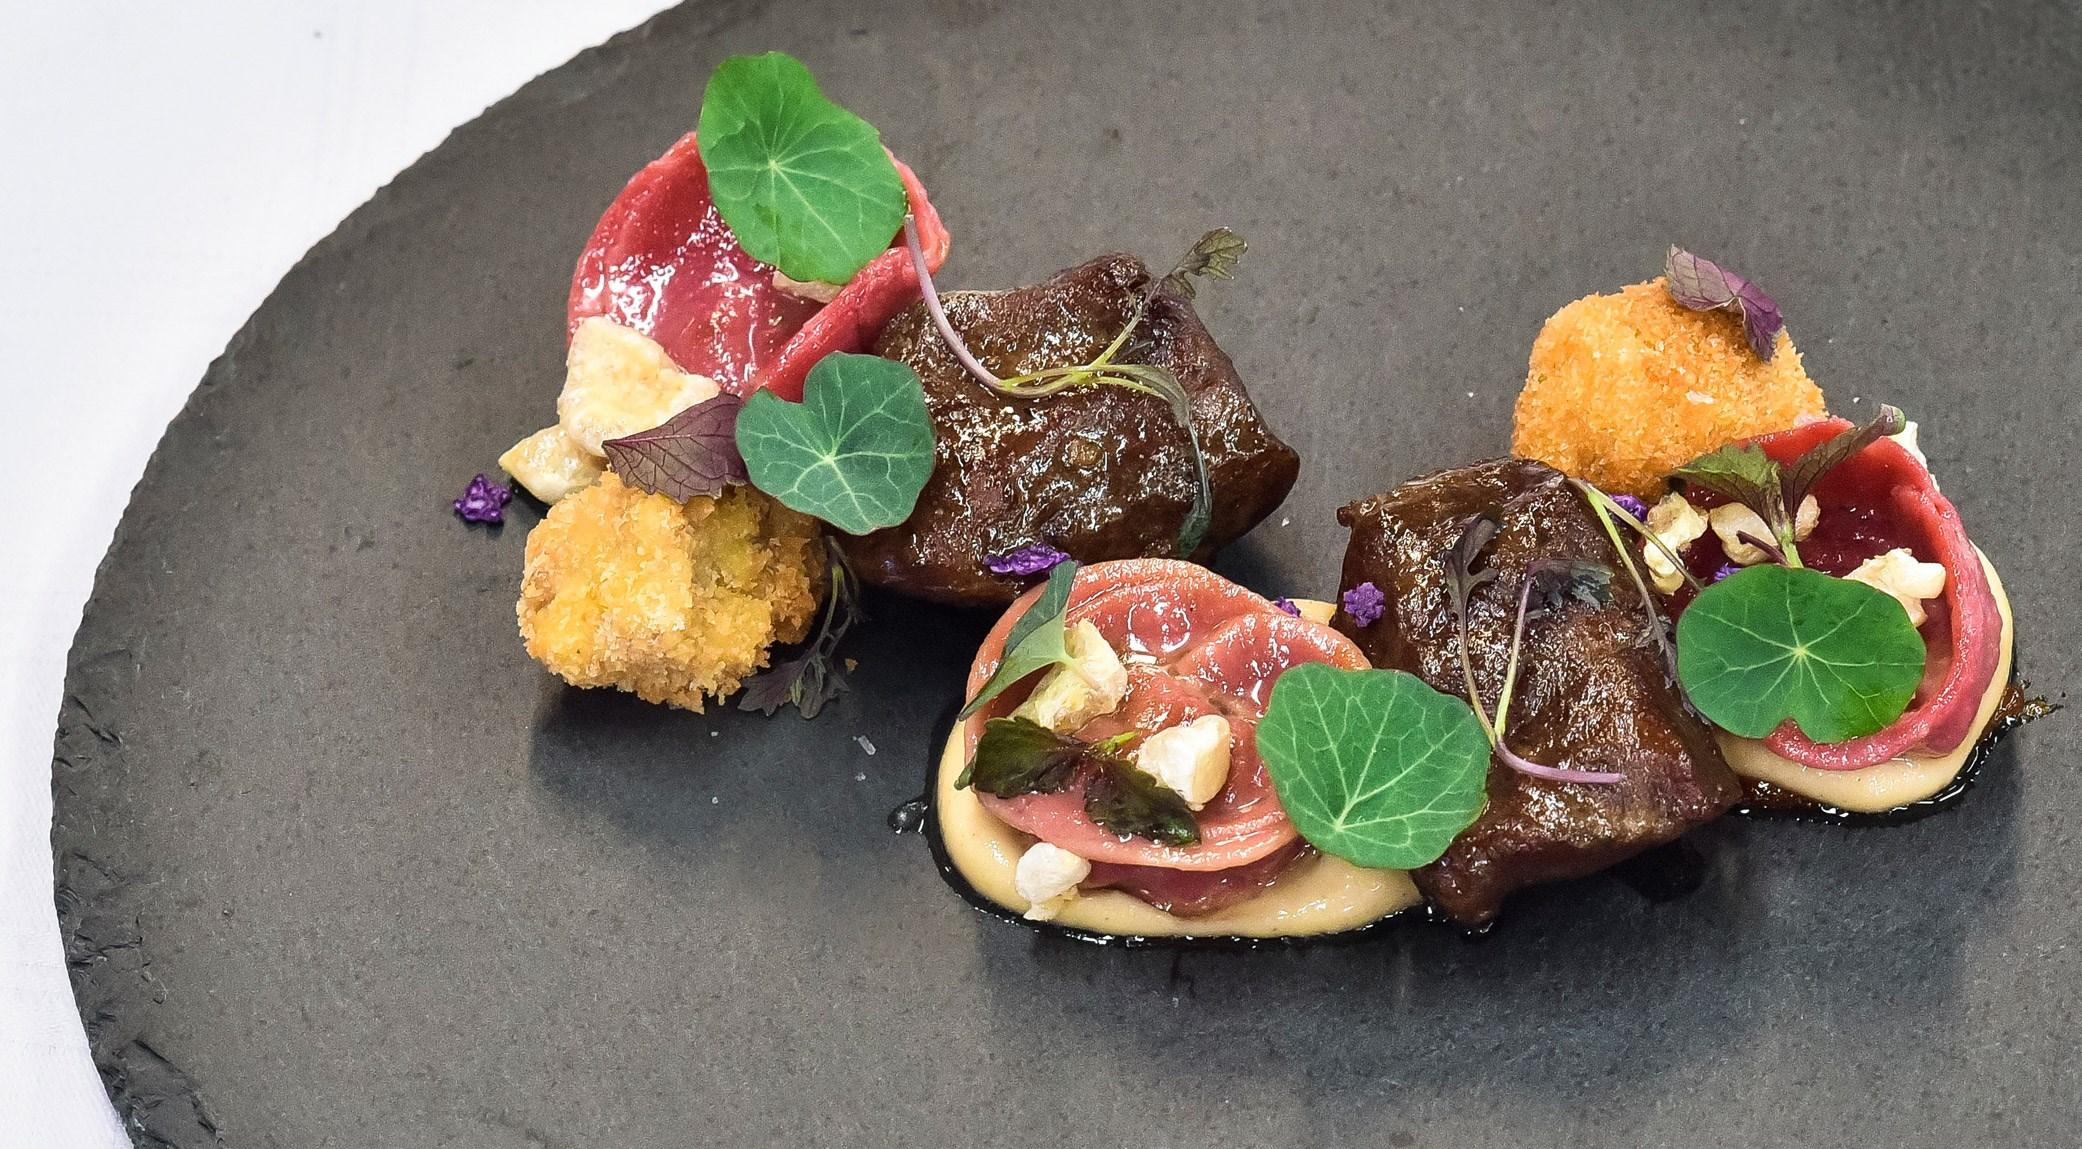 Rodrigo Sandor - Joues de porc et purée de chou-fleur caramélisée, coulis de raisins secs, tortellini de betterave